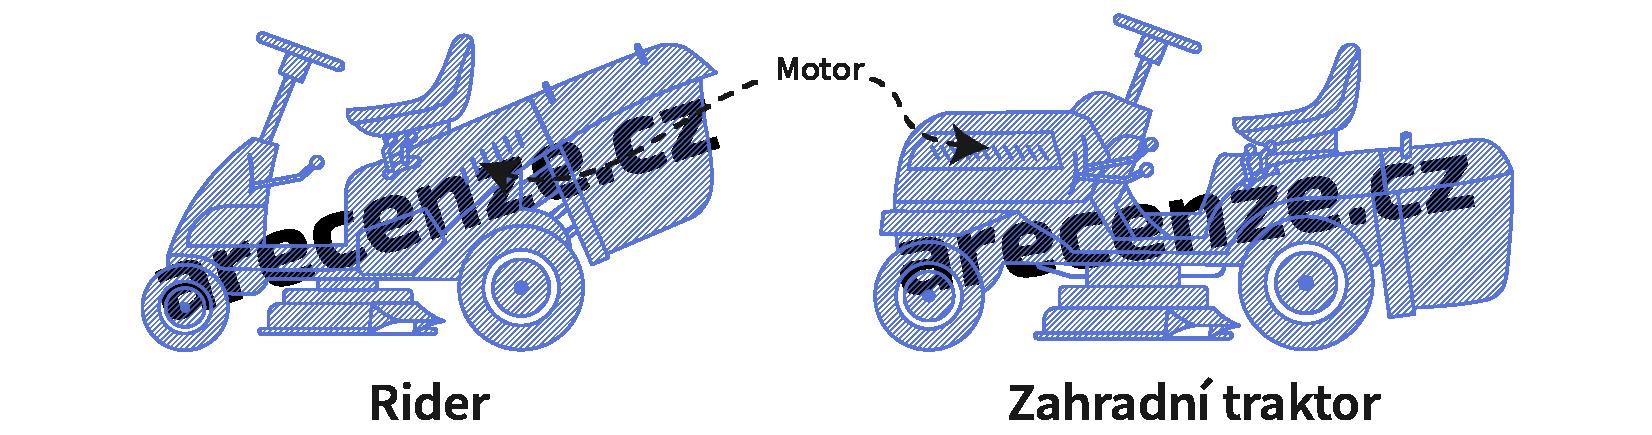 Ukážka rozdielu medzi riderom a záhradným traktorom